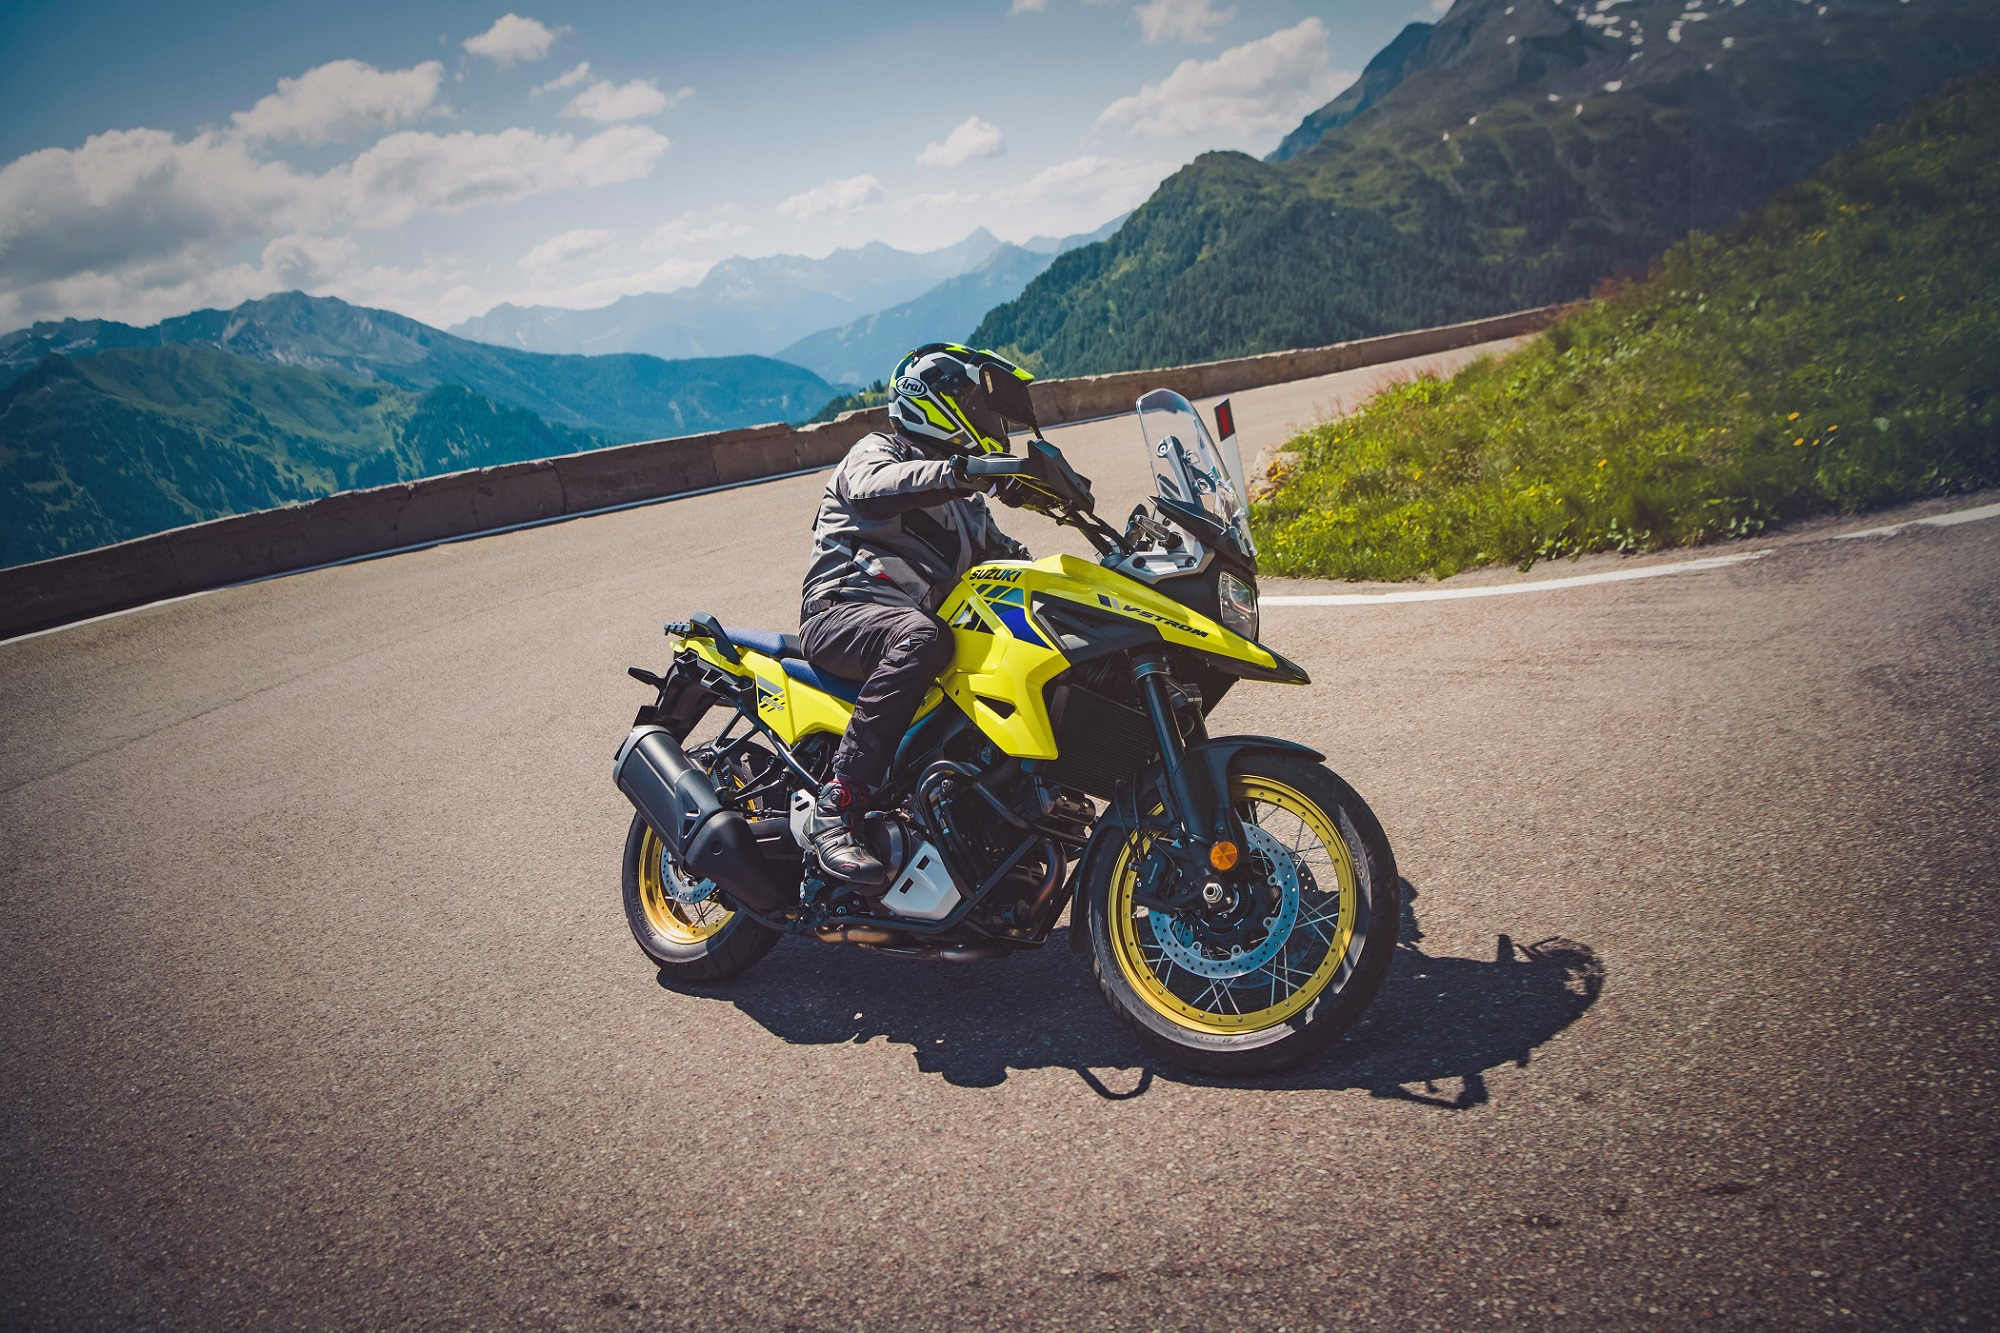 Nova motocicleta Suzuki V Strom 1050 em movimento na curva de uma serra